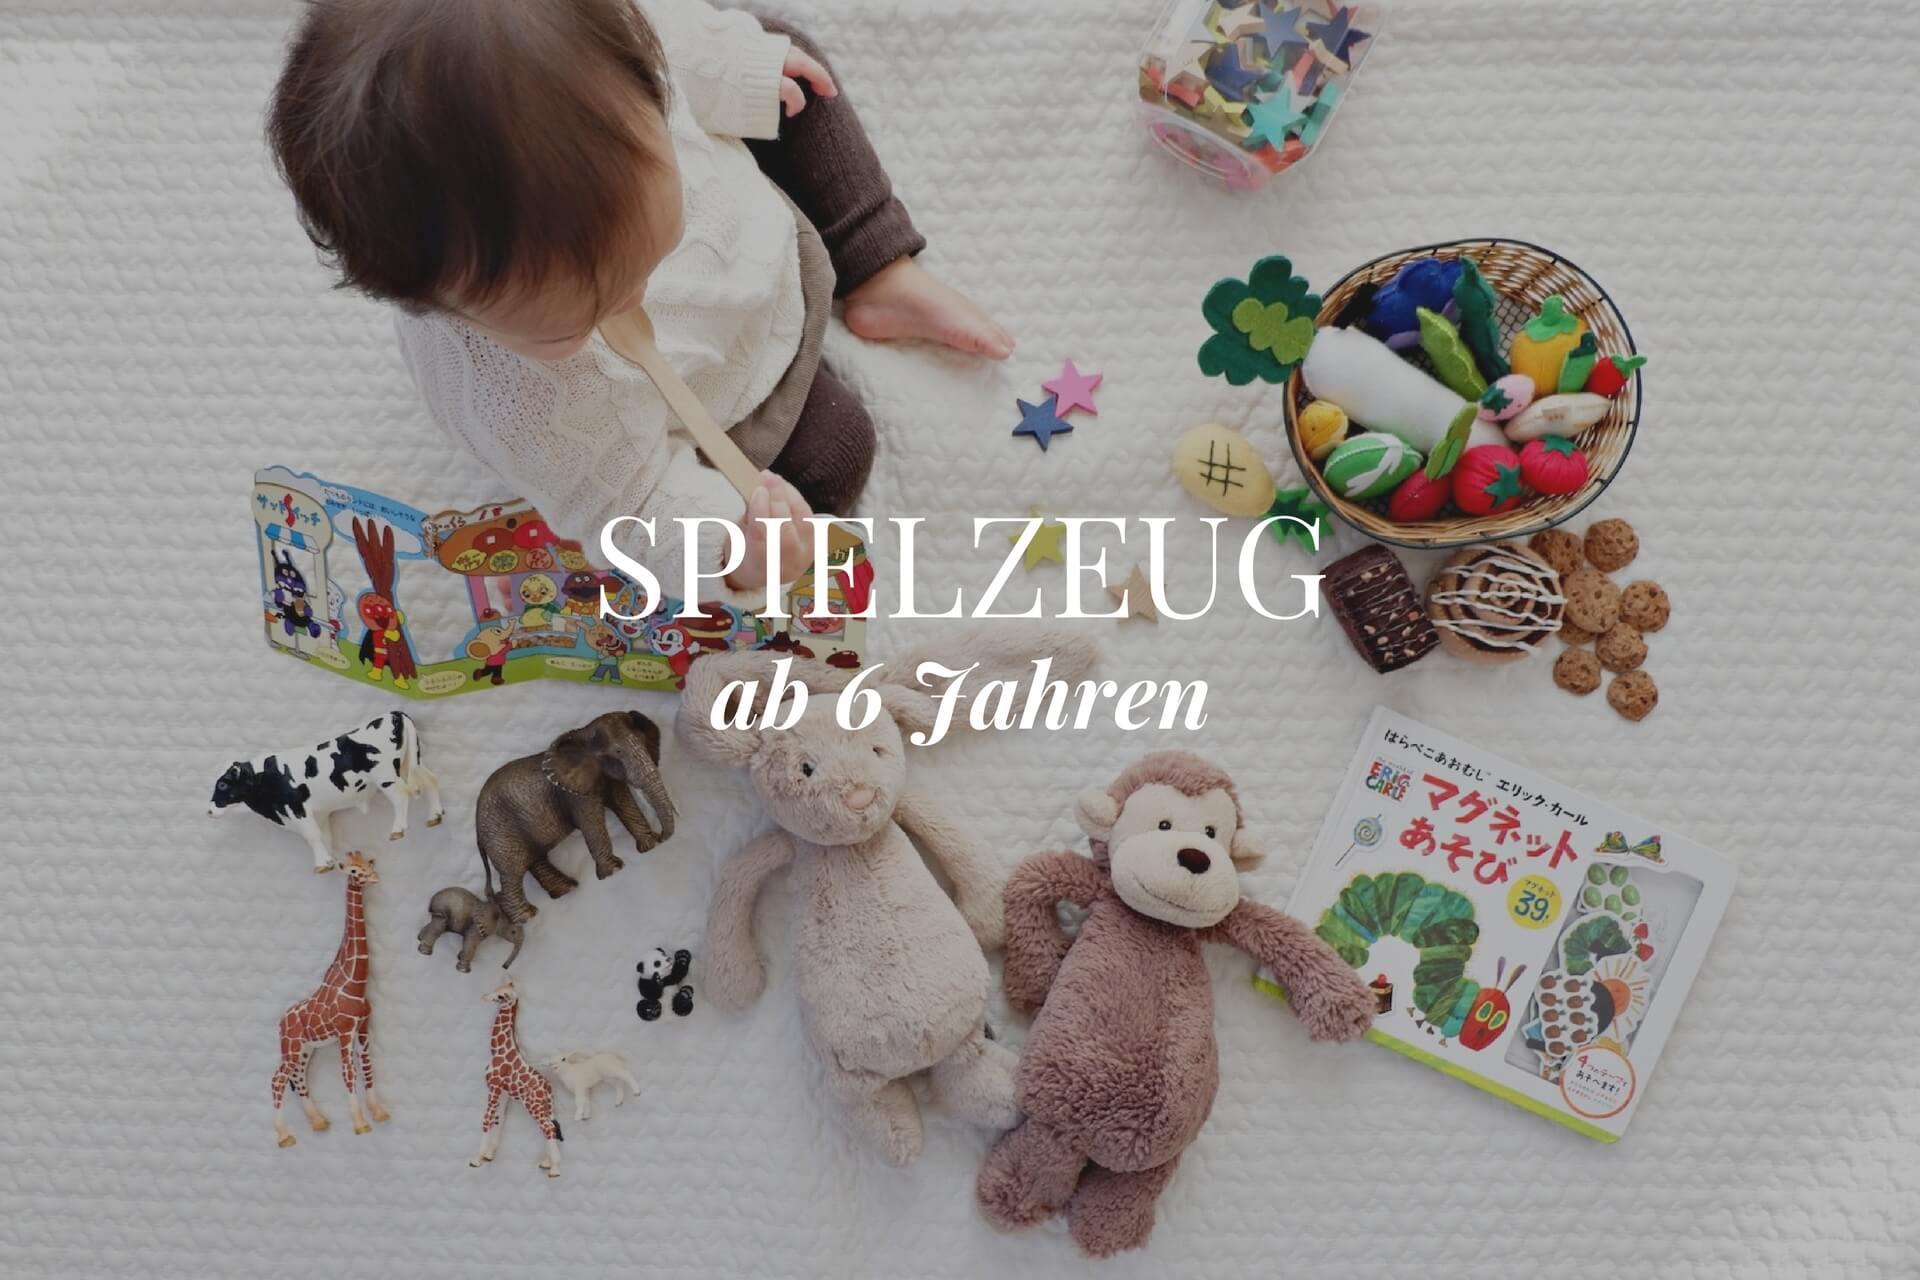 Spielzeug ab 6 Jahren ✿ Spielzeug & Empfehlungen für Sechsjährige ✿